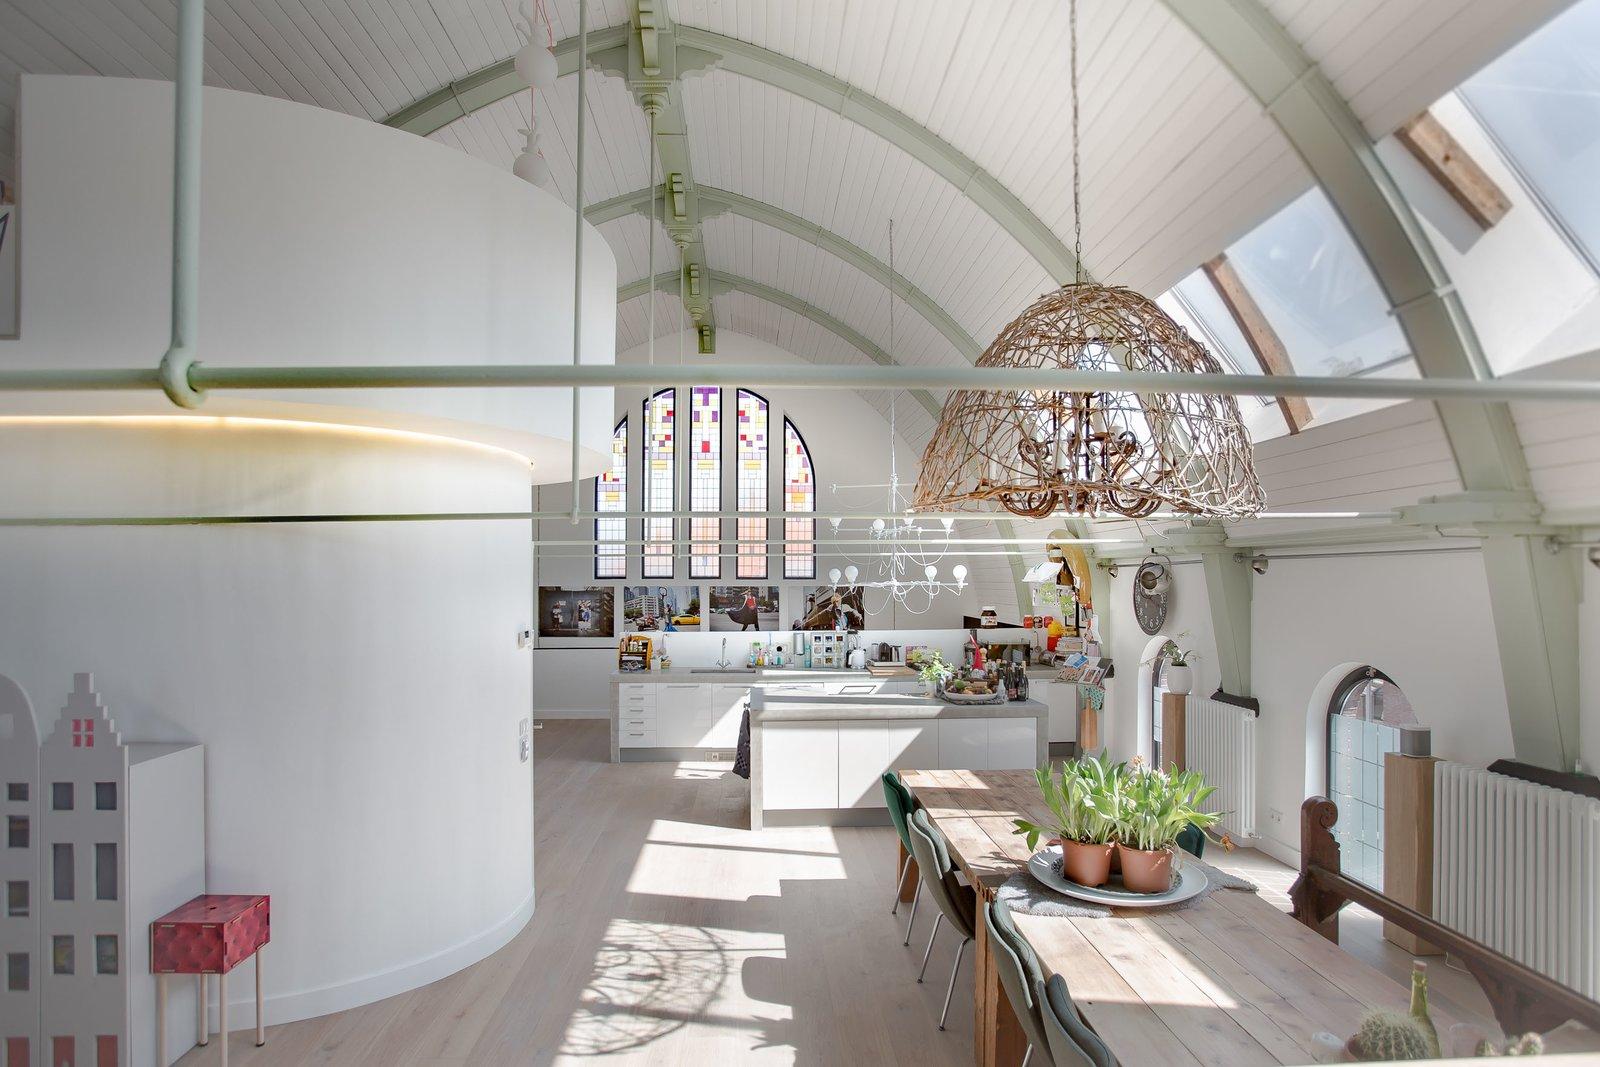 L'immobile è stato costruito negli Anni '20 del secolo scorso / Sotheby's